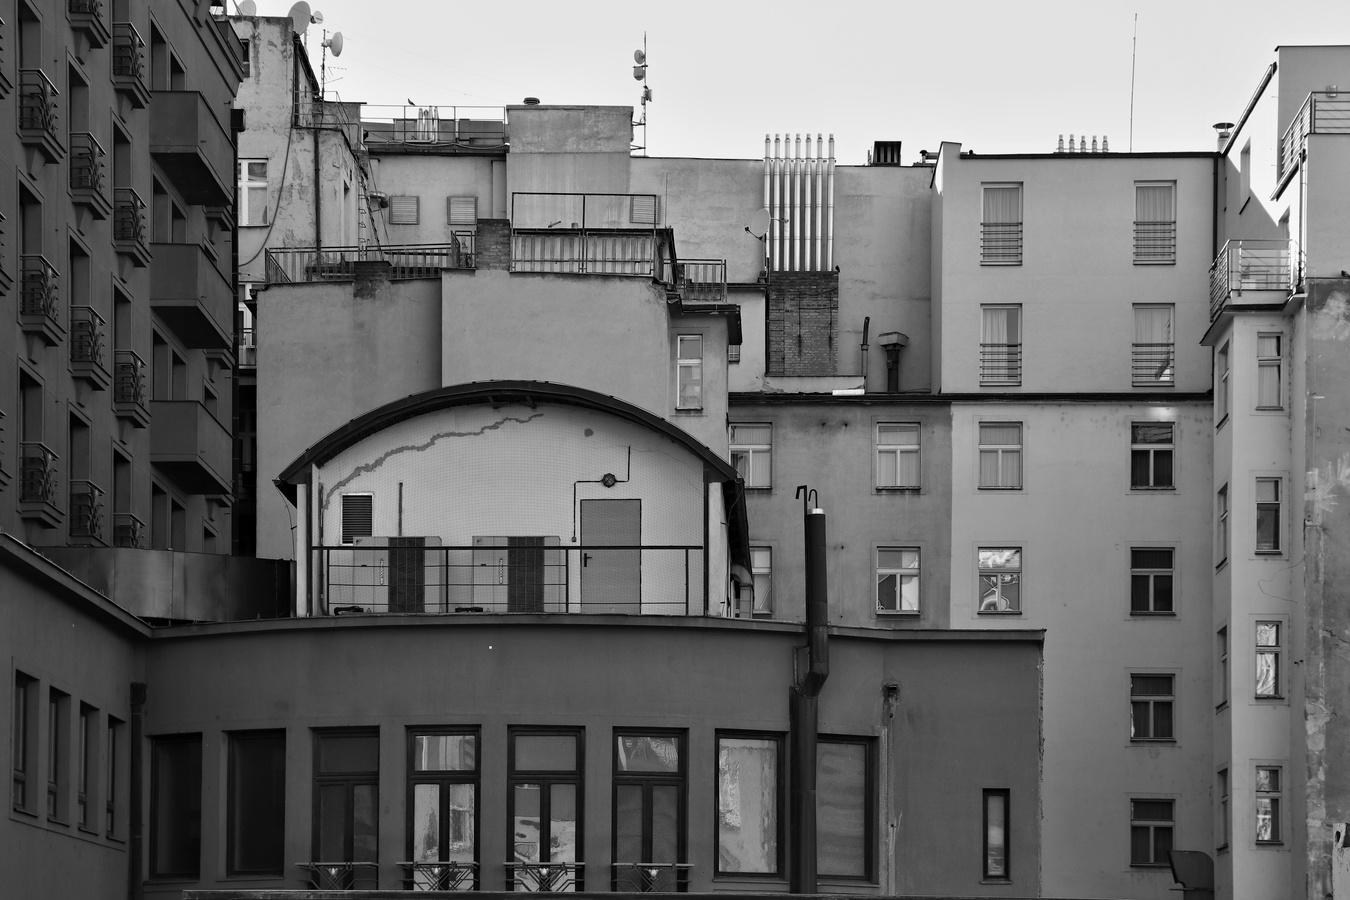 Zastavěný architektonický prostor